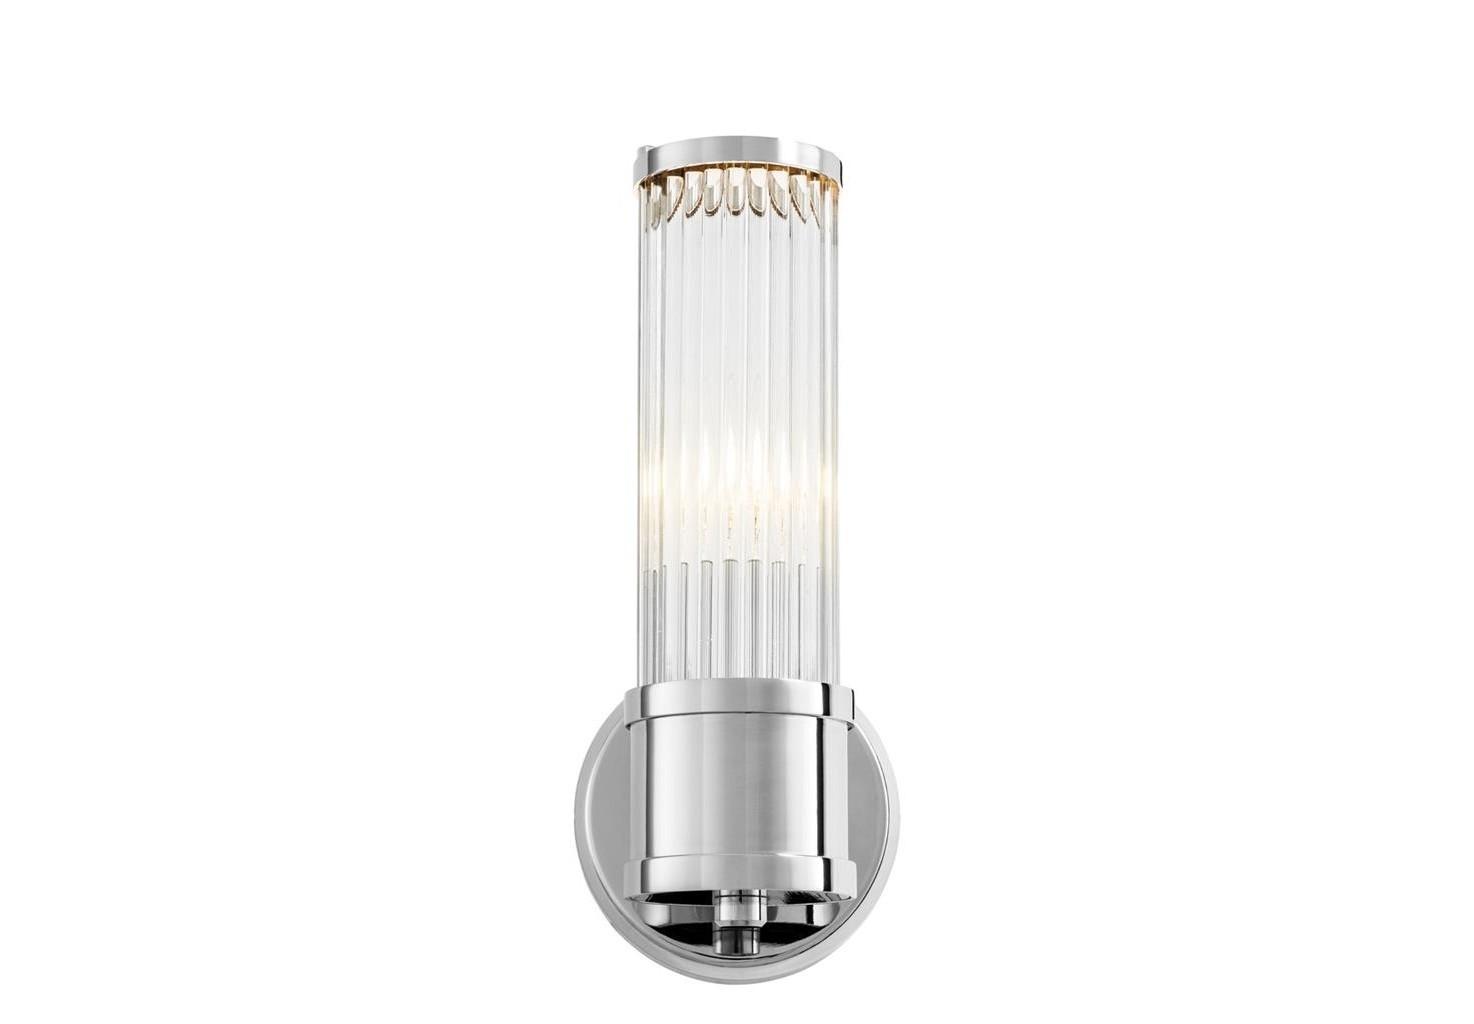 Настенный светильникБра<br>Настенный светильник Wall Lamp Claridges Single выполнен из никелированного металла. Плафон выполнен из фактурного прозрачного стекла.&amp;lt;div&amp;gt;&amp;lt;br&amp;gt;&amp;lt;/div&amp;gt;&amp;lt;div&amp;gt;&amp;lt;div&amp;gt;Тип цоколя: E14&amp;lt;/div&amp;gt;&amp;lt;div&amp;gt;Мощность: 40W&amp;lt;/div&amp;gt;&amp;lt;div&amp;gt;Кол-во ламп: 1 (нет в комплекте)&amp;lt;/div&amp;gt;&amp;lt;/div&amp;gt;<br><br>Material: Металл<br>Ширина см: 12<br>Высота см: 29<br>Глубина см: 13